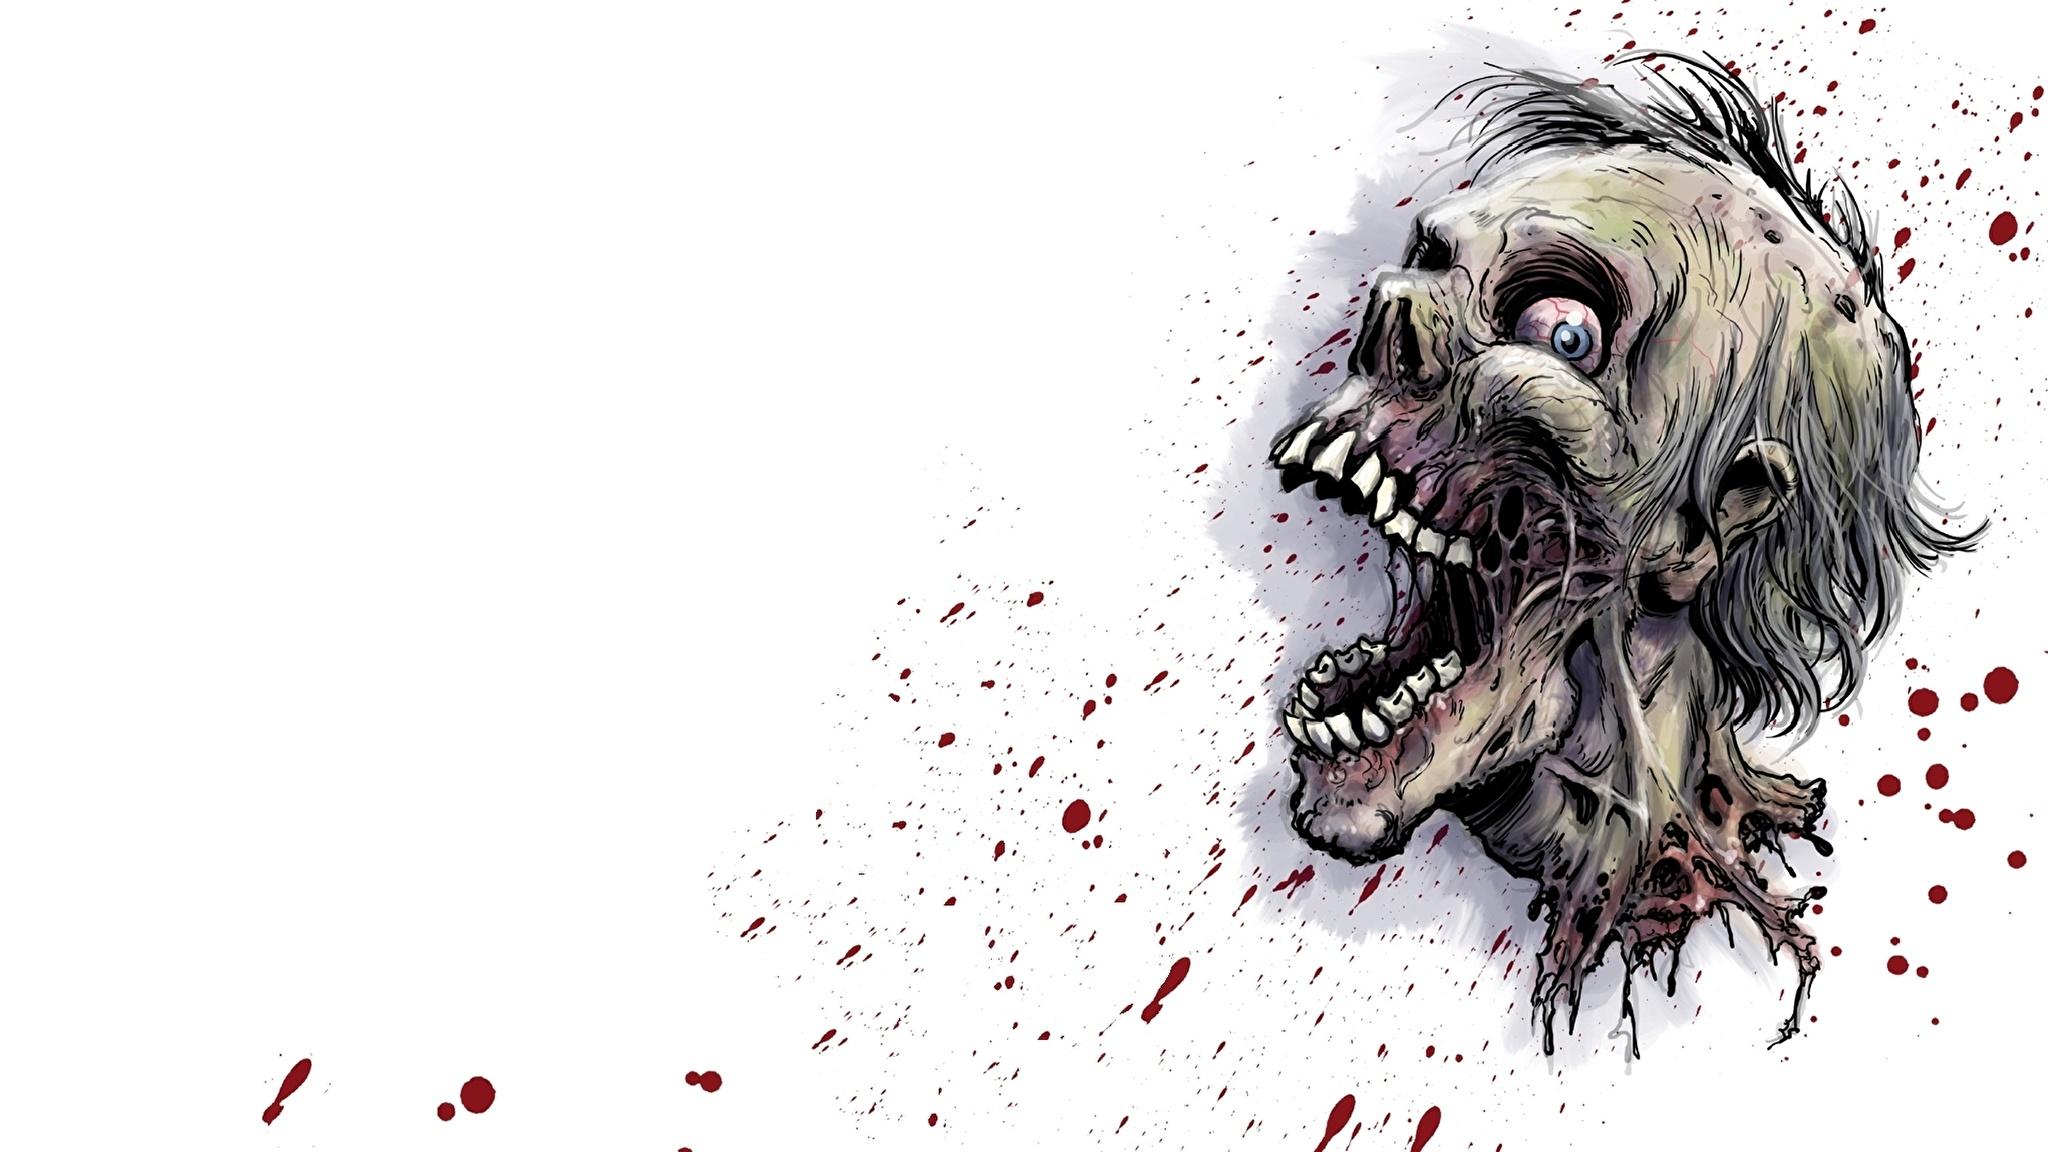 Убийство чудовища  № 1650433 бесплатно